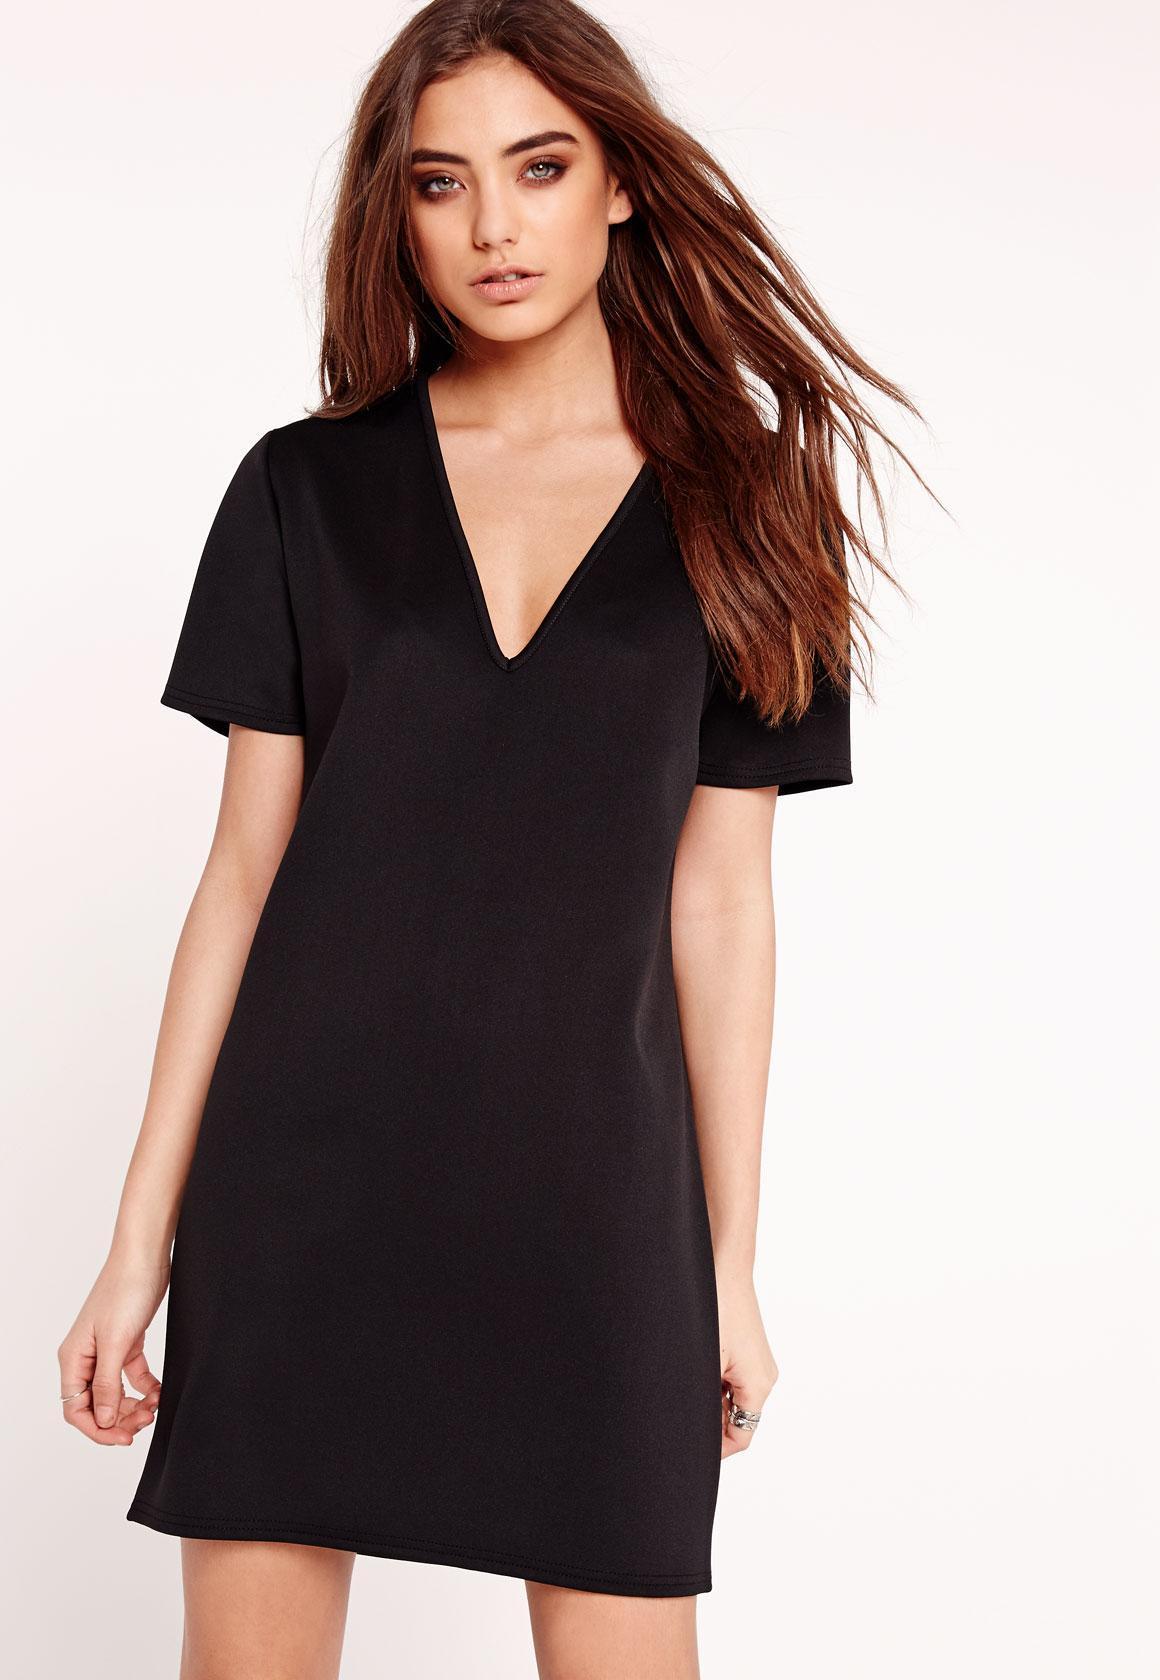 Robe tee shirt noir